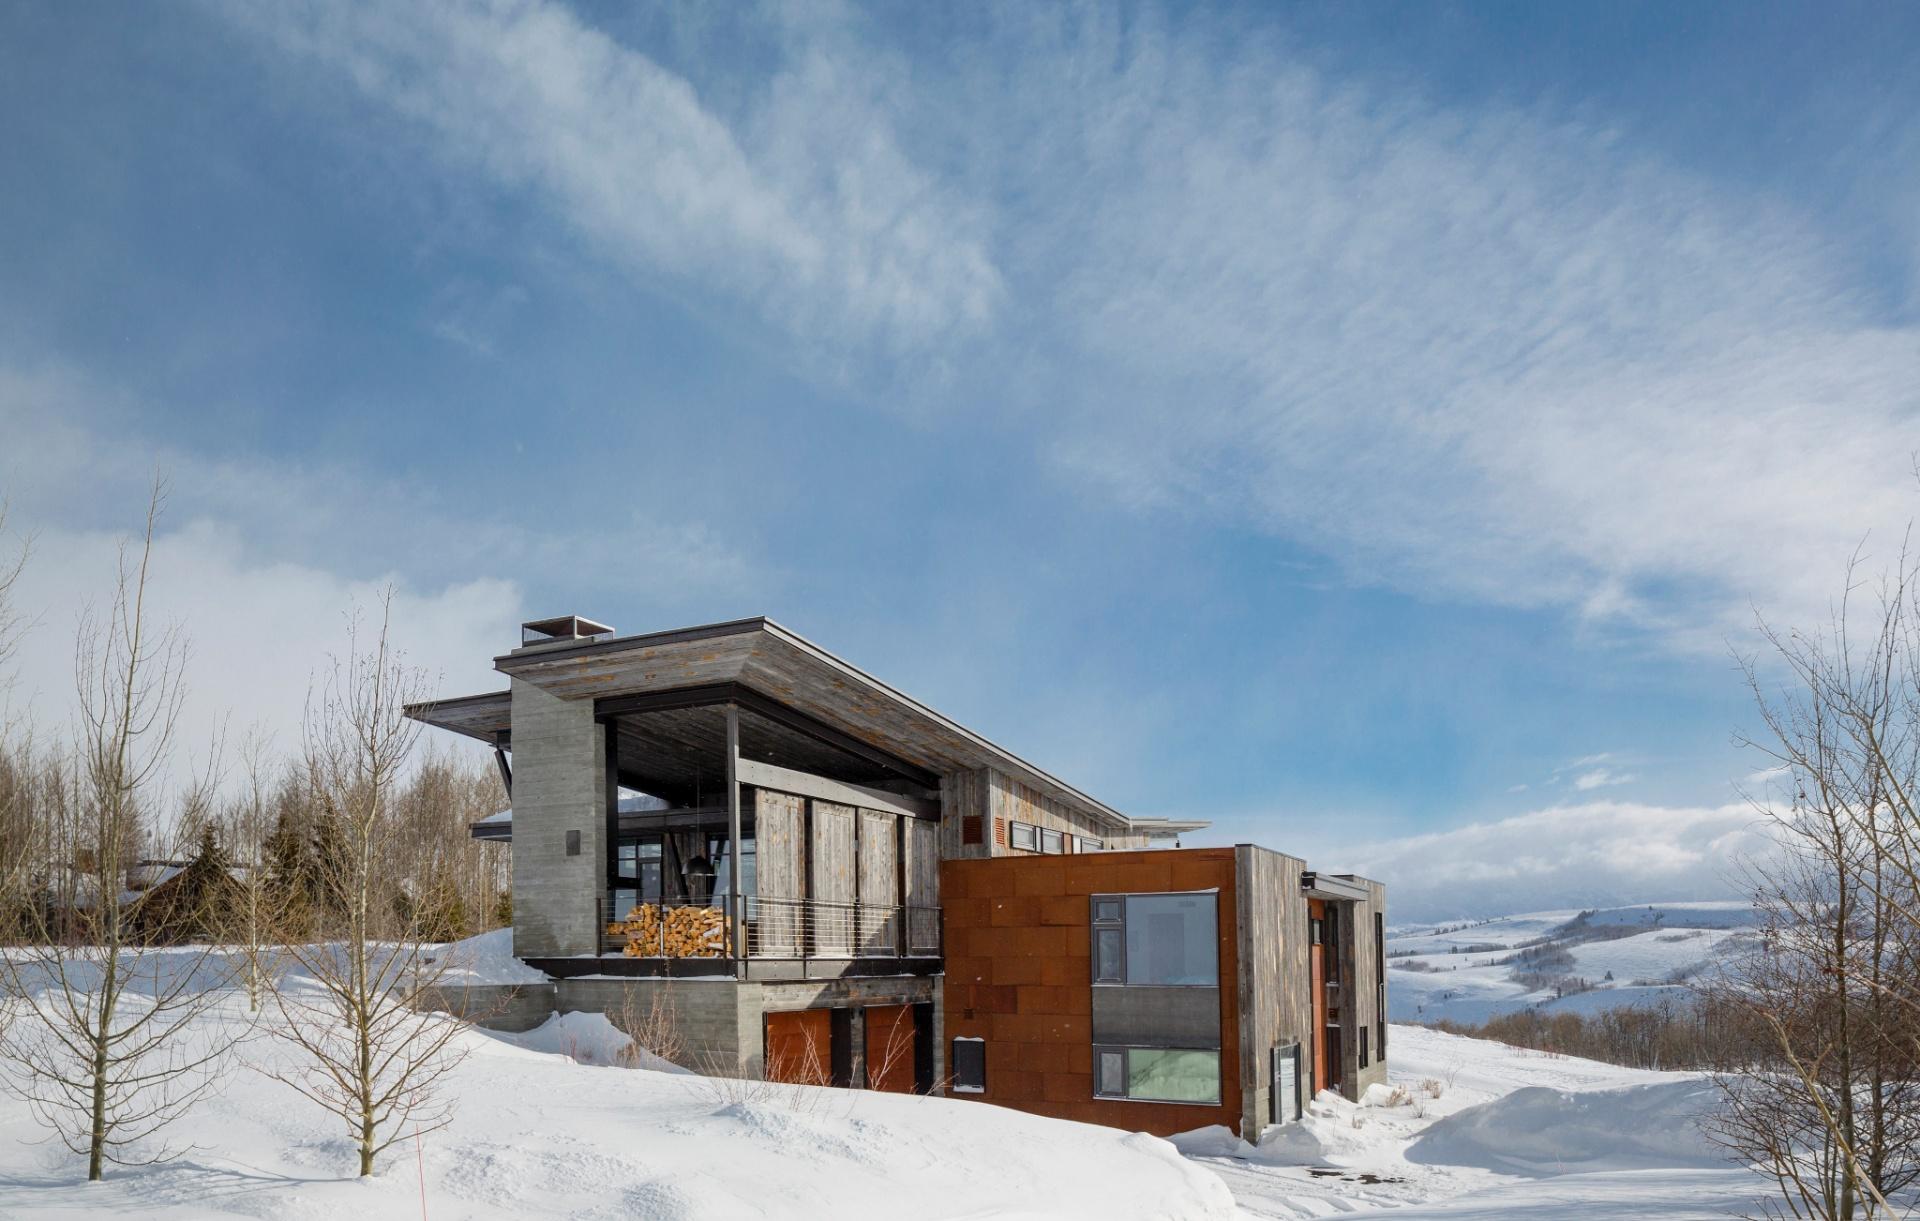 Construída em meio a um vale frio e montanhoso, a casa do casal de médicos, Clay Heighten e Debra Caudy, tem grandes aberturas e uma varanda aberta